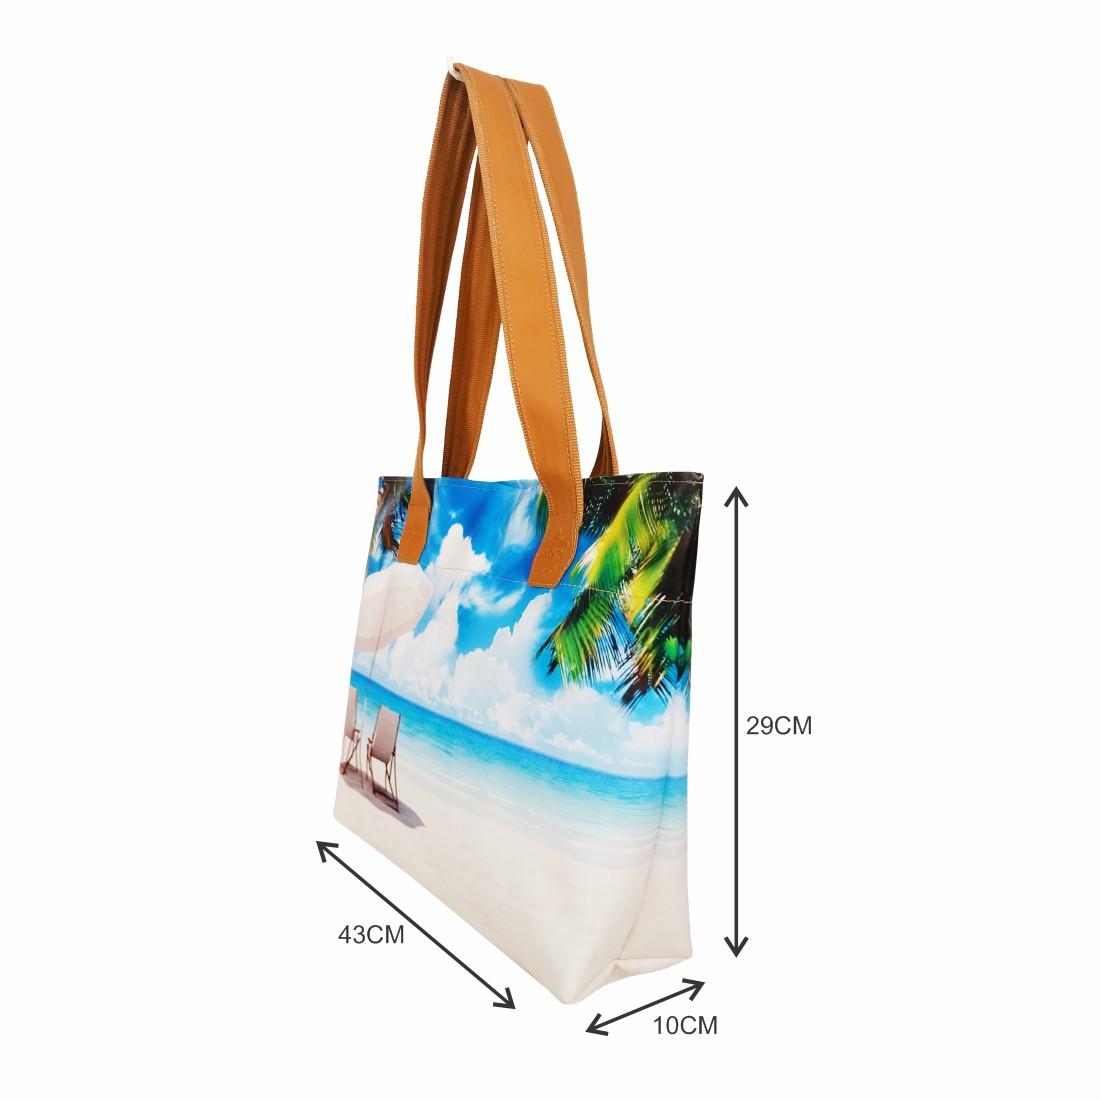 Bolsa Praia Cadeiras - Magicc Bolsas